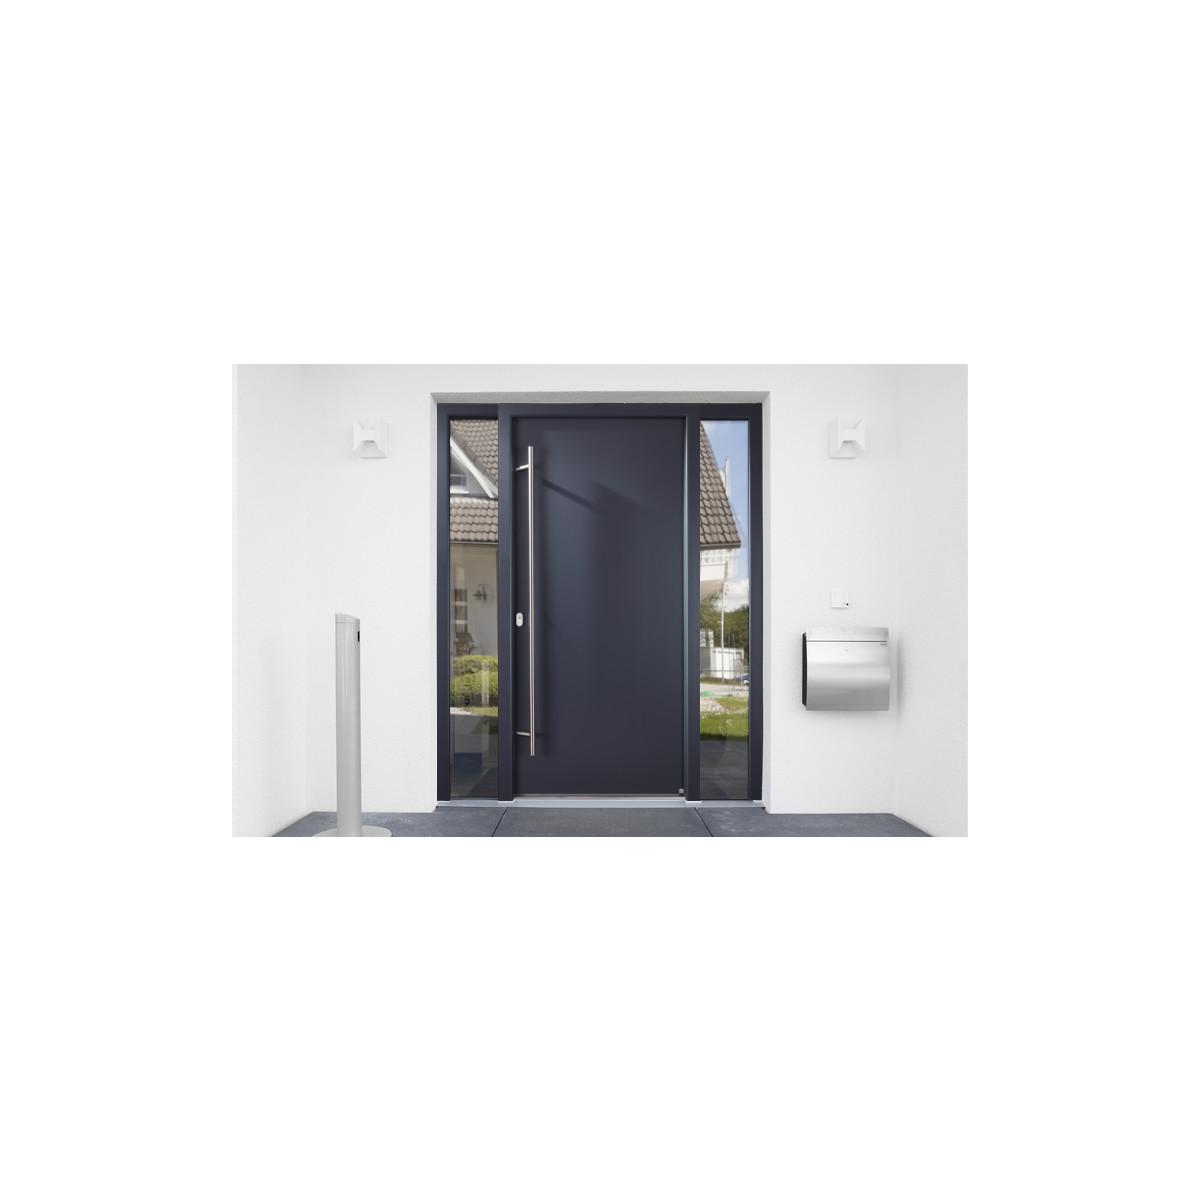 Seitenteil für Aluminium Haustüren · Farbe: Anthrazit · Serie A60 ...